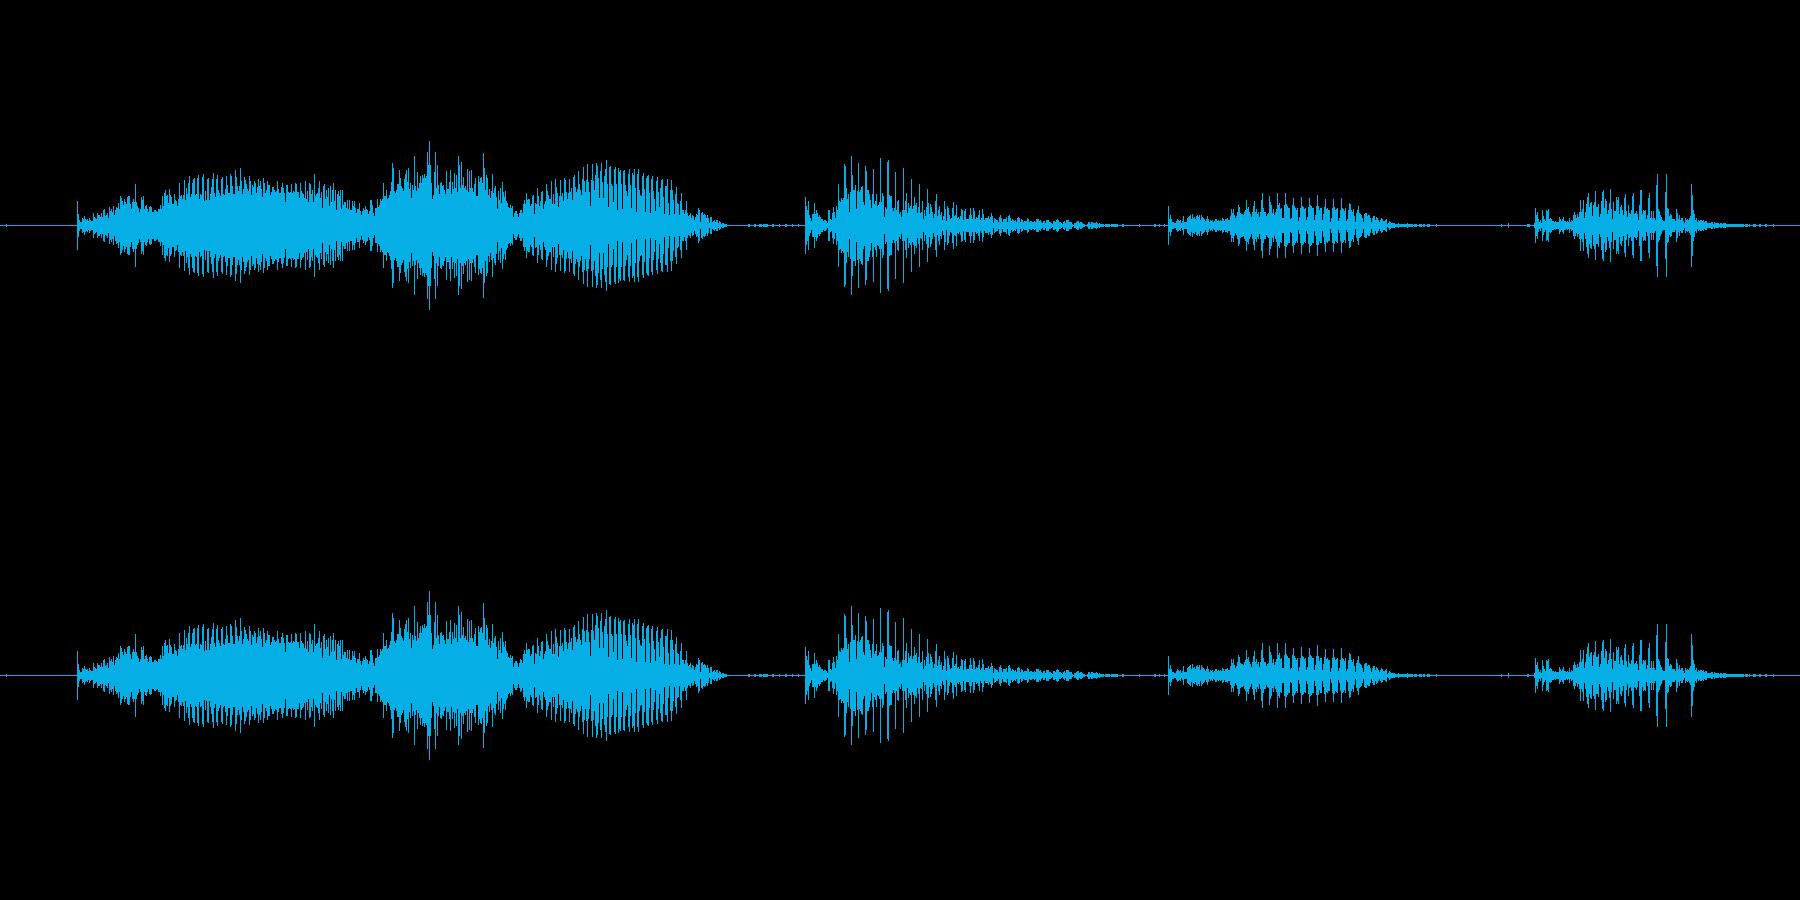 【日数・経過】9週間経過の再生済みの波形